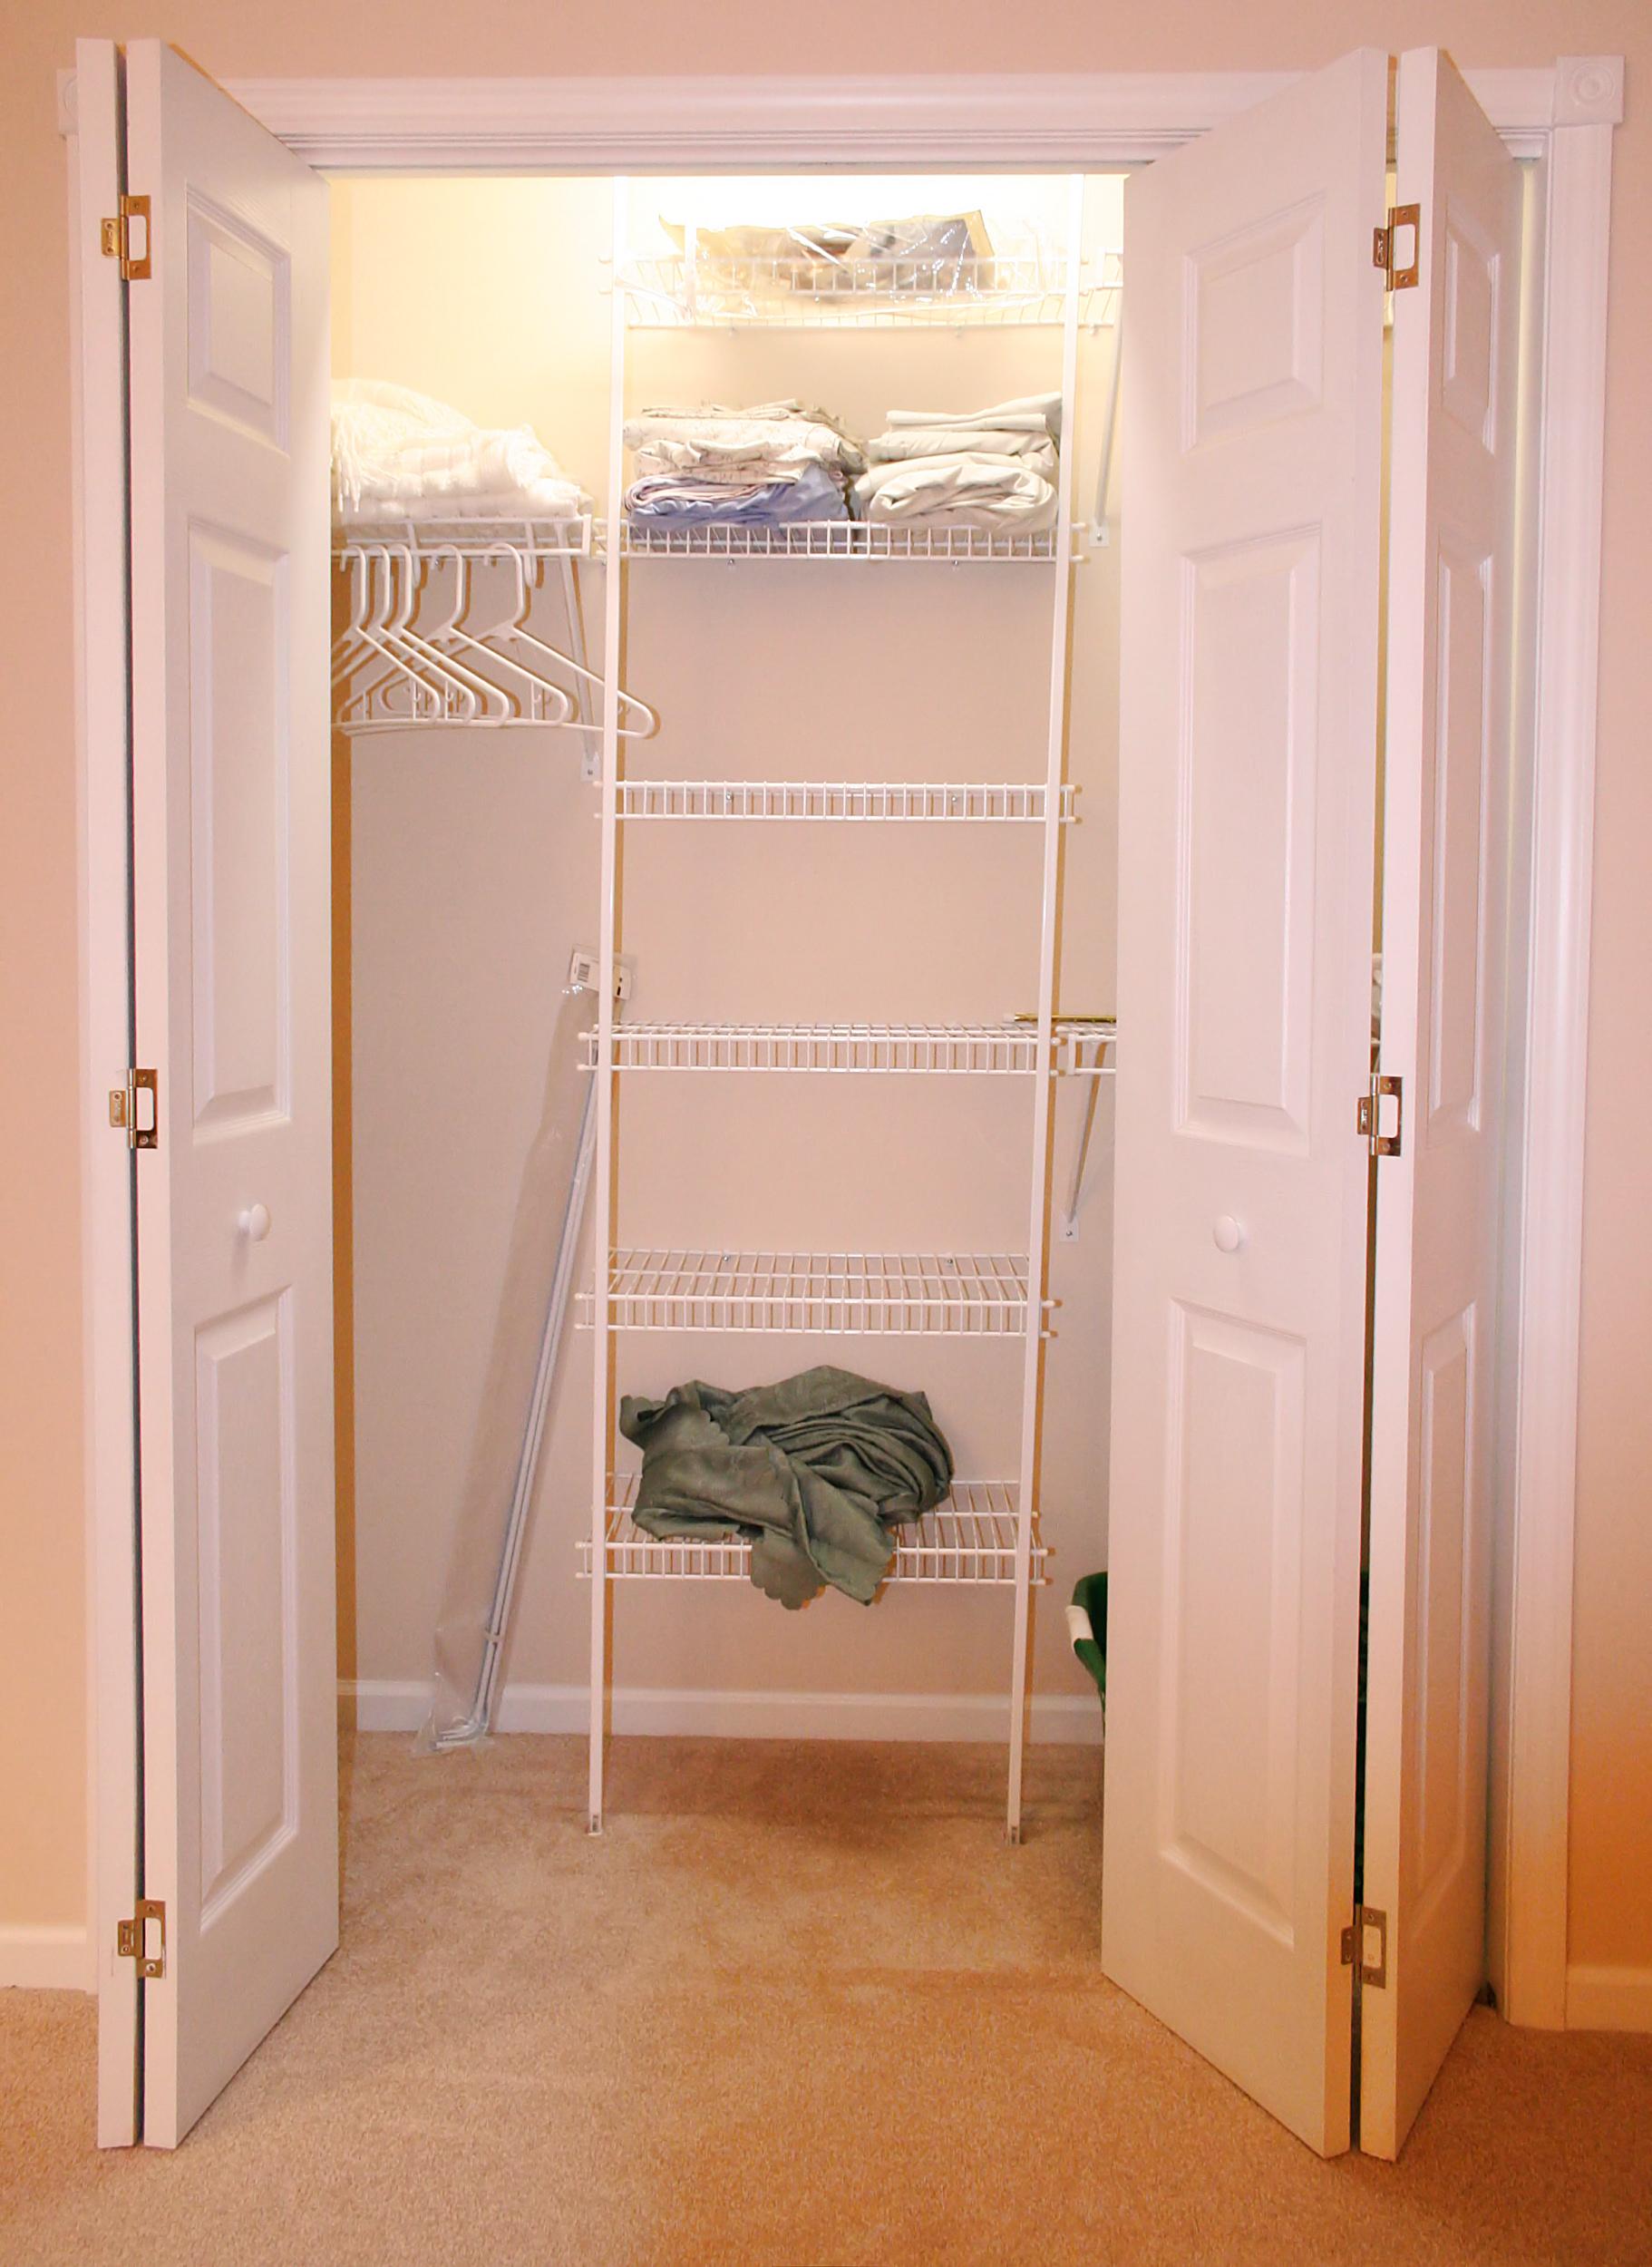 File:Wall-closet.jpg - Wikimedia Commons